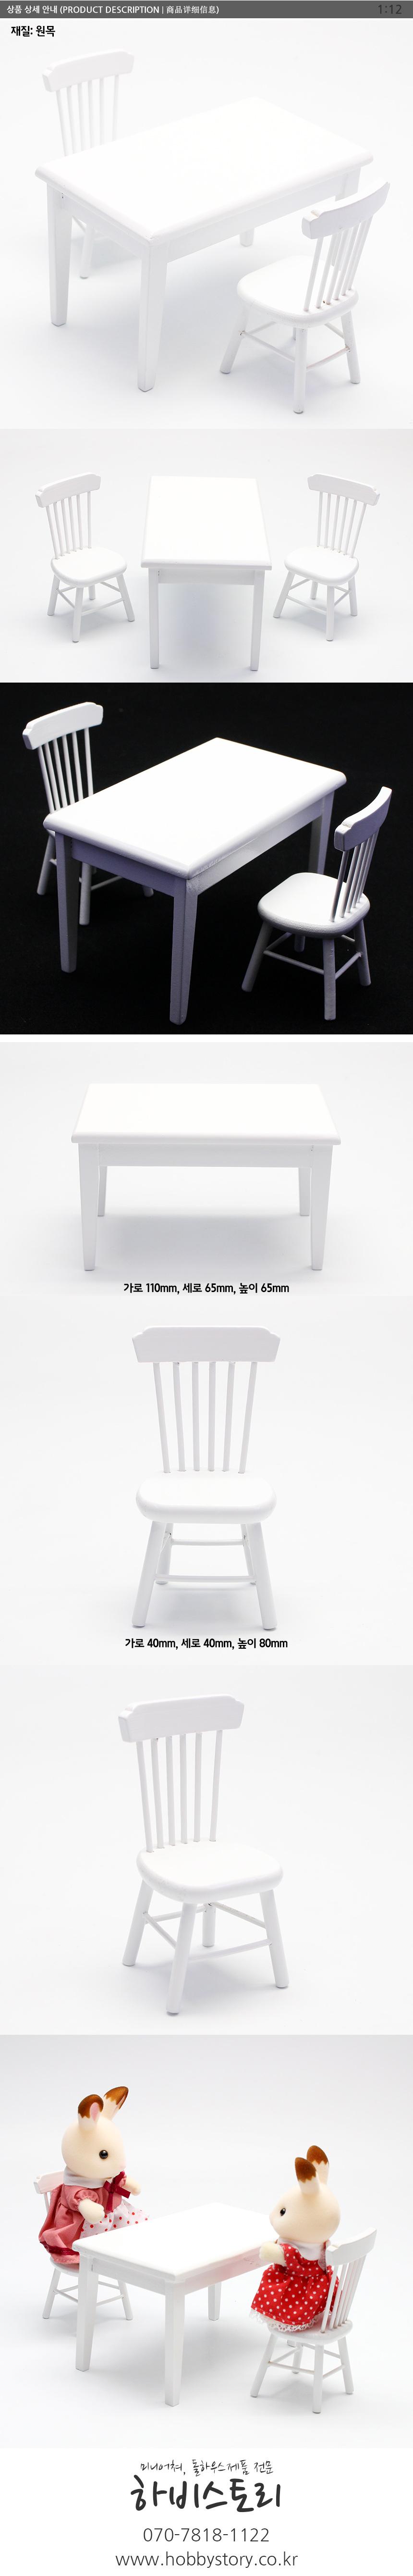 미니어쳐가구/직사각 2인용 식탁세트(흰색)